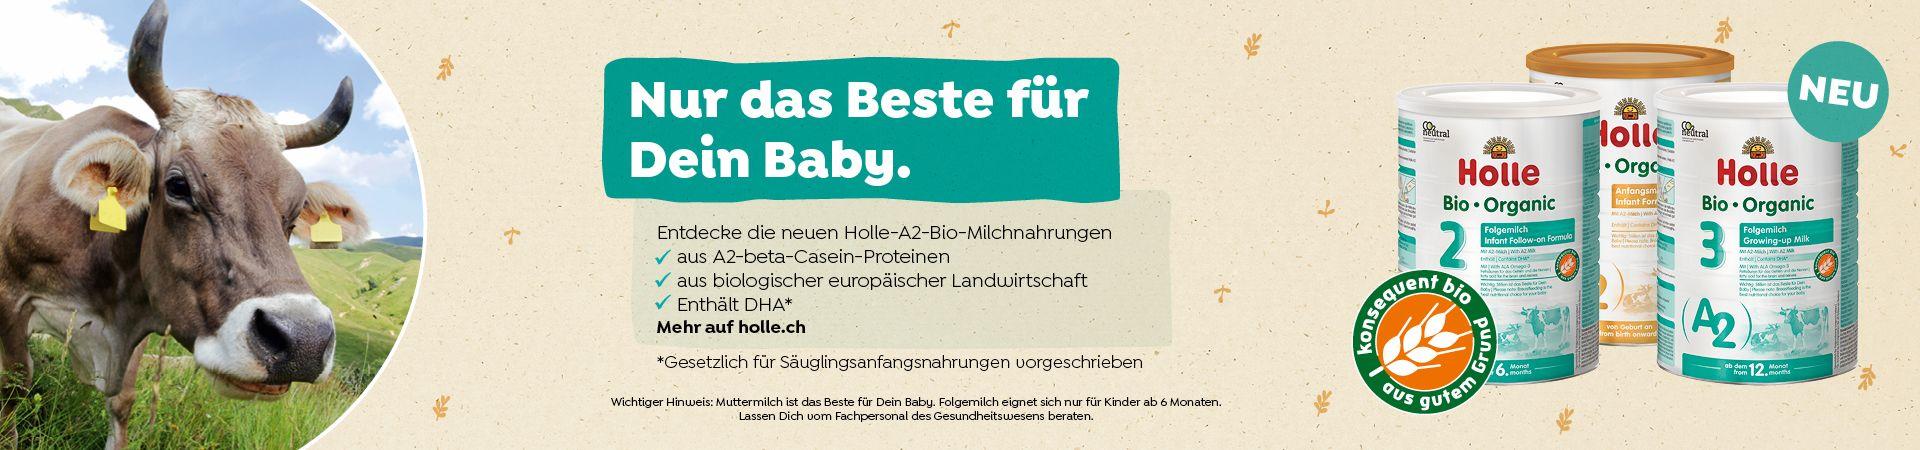 A2 Bio-Anfangsmilch 1, von Geburt an (800g) A2 Bio-Folgemilch 2, nach dem 6. Monat (800g) A2 Bio-Folgemilch 3, ab dem 12. Monat (800g) Bio Siegel